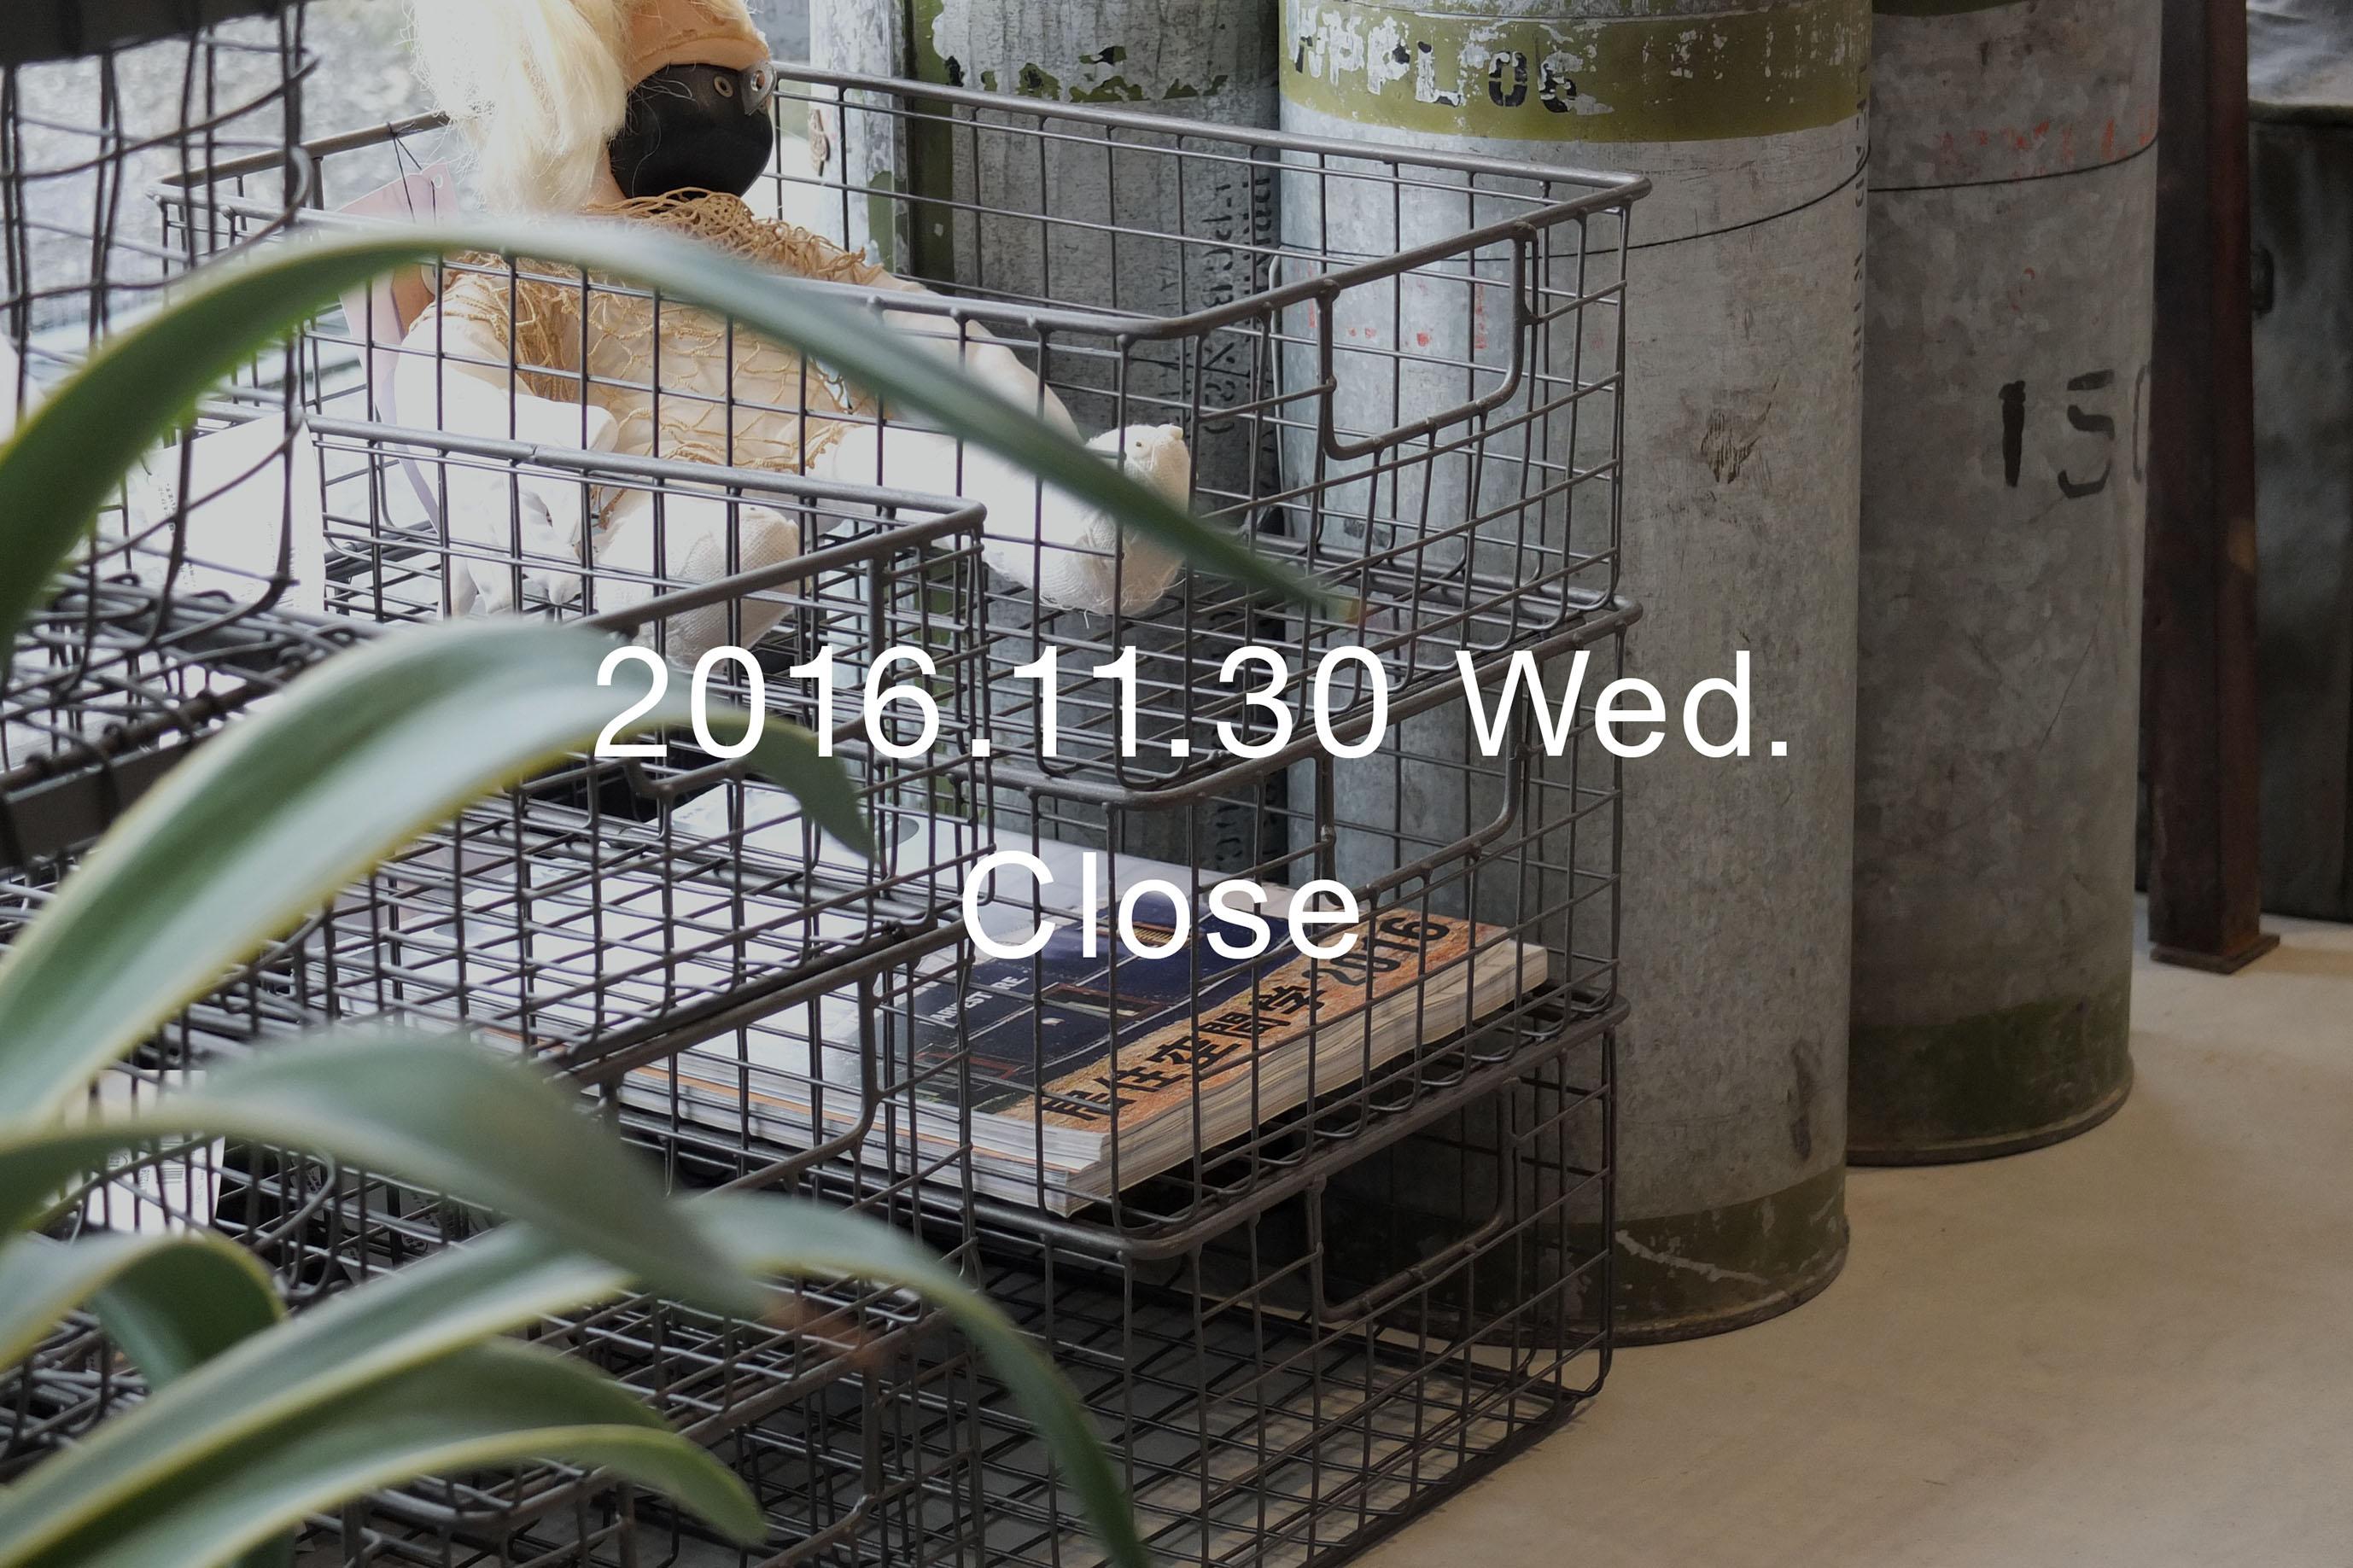 ss-close_20161130